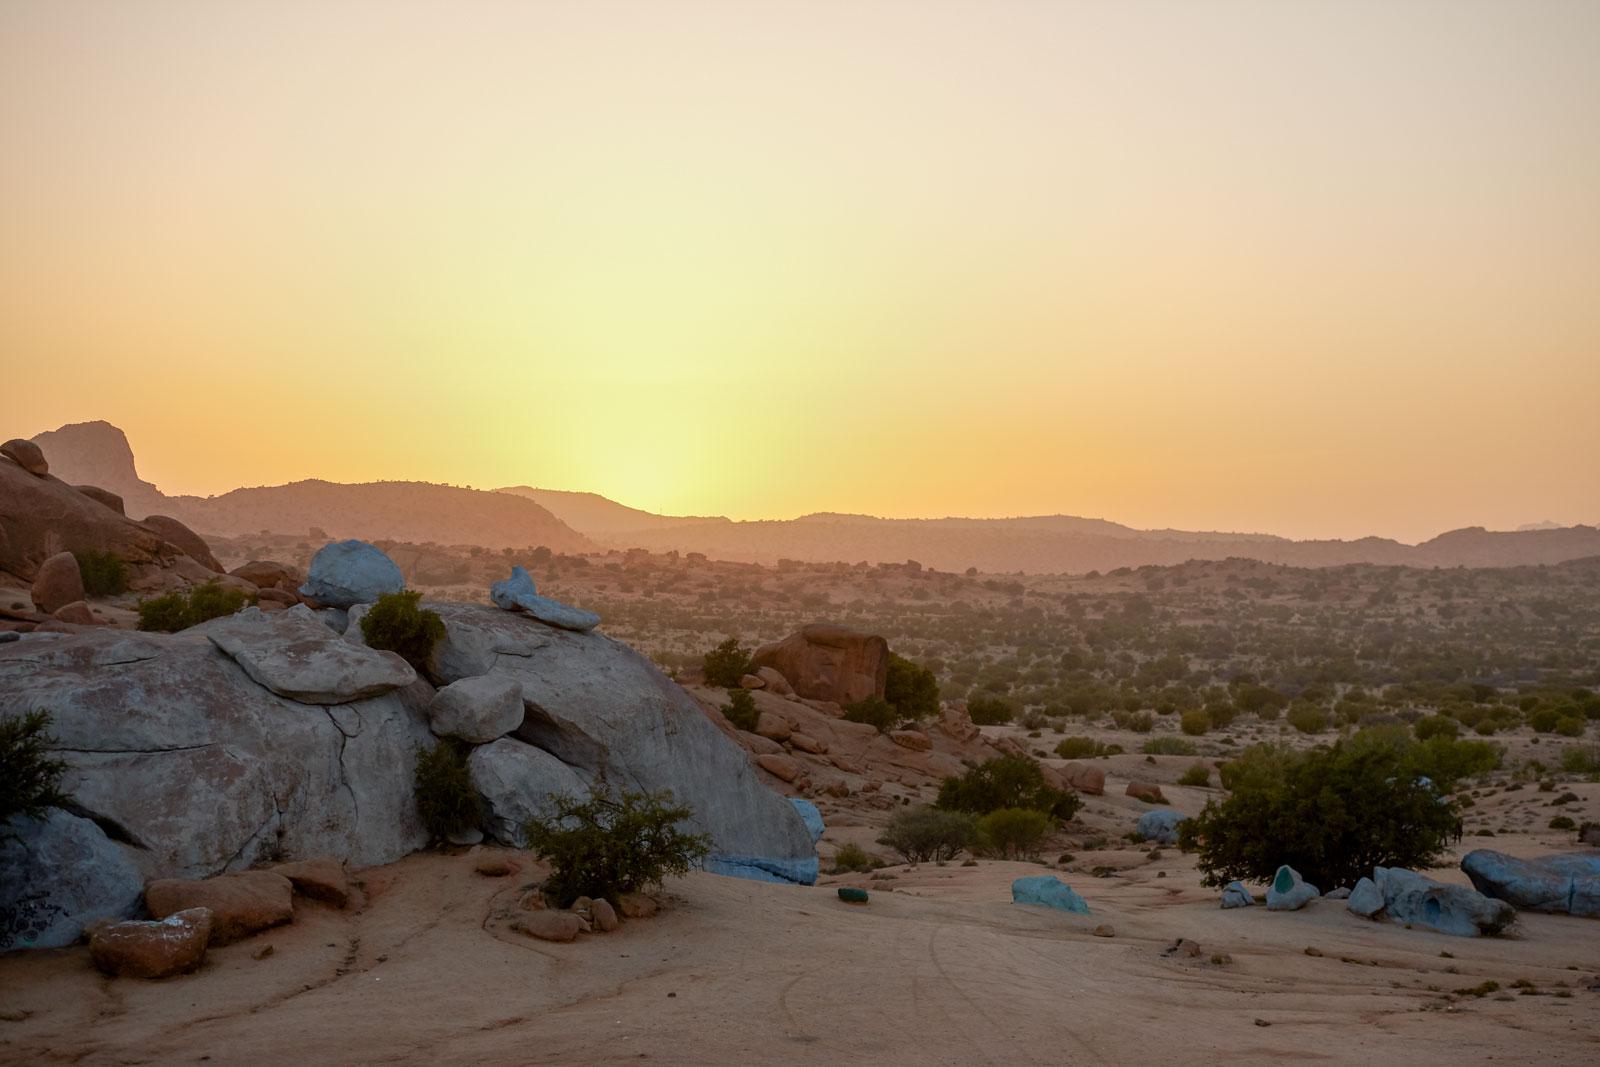 Bild von den blauen Felsen von Tafraoute, in den Bergen des Antiatlas Gebirges in Marokko